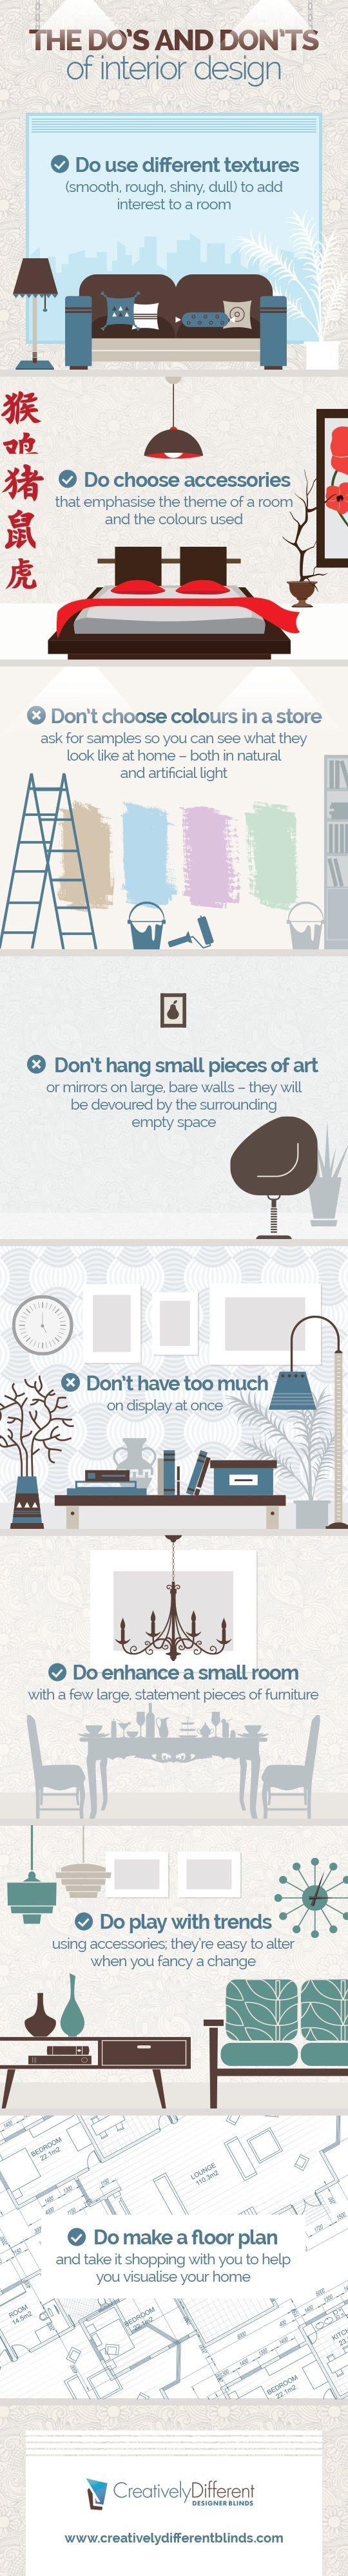 Essential Principles of Good DIY Interior Design